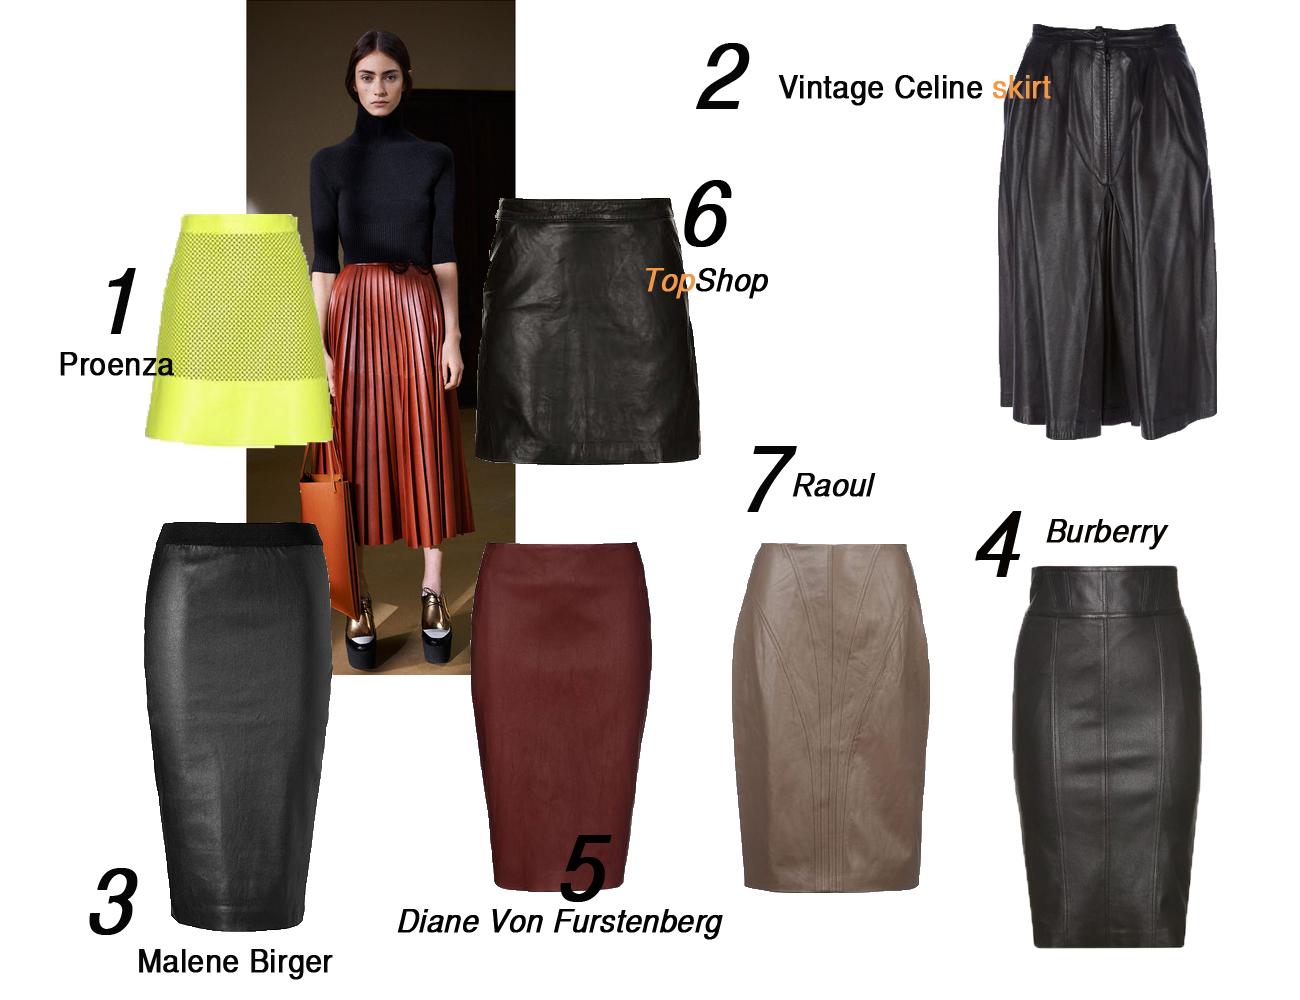 leather skirt pleated skirt pencil skirt mini skirt